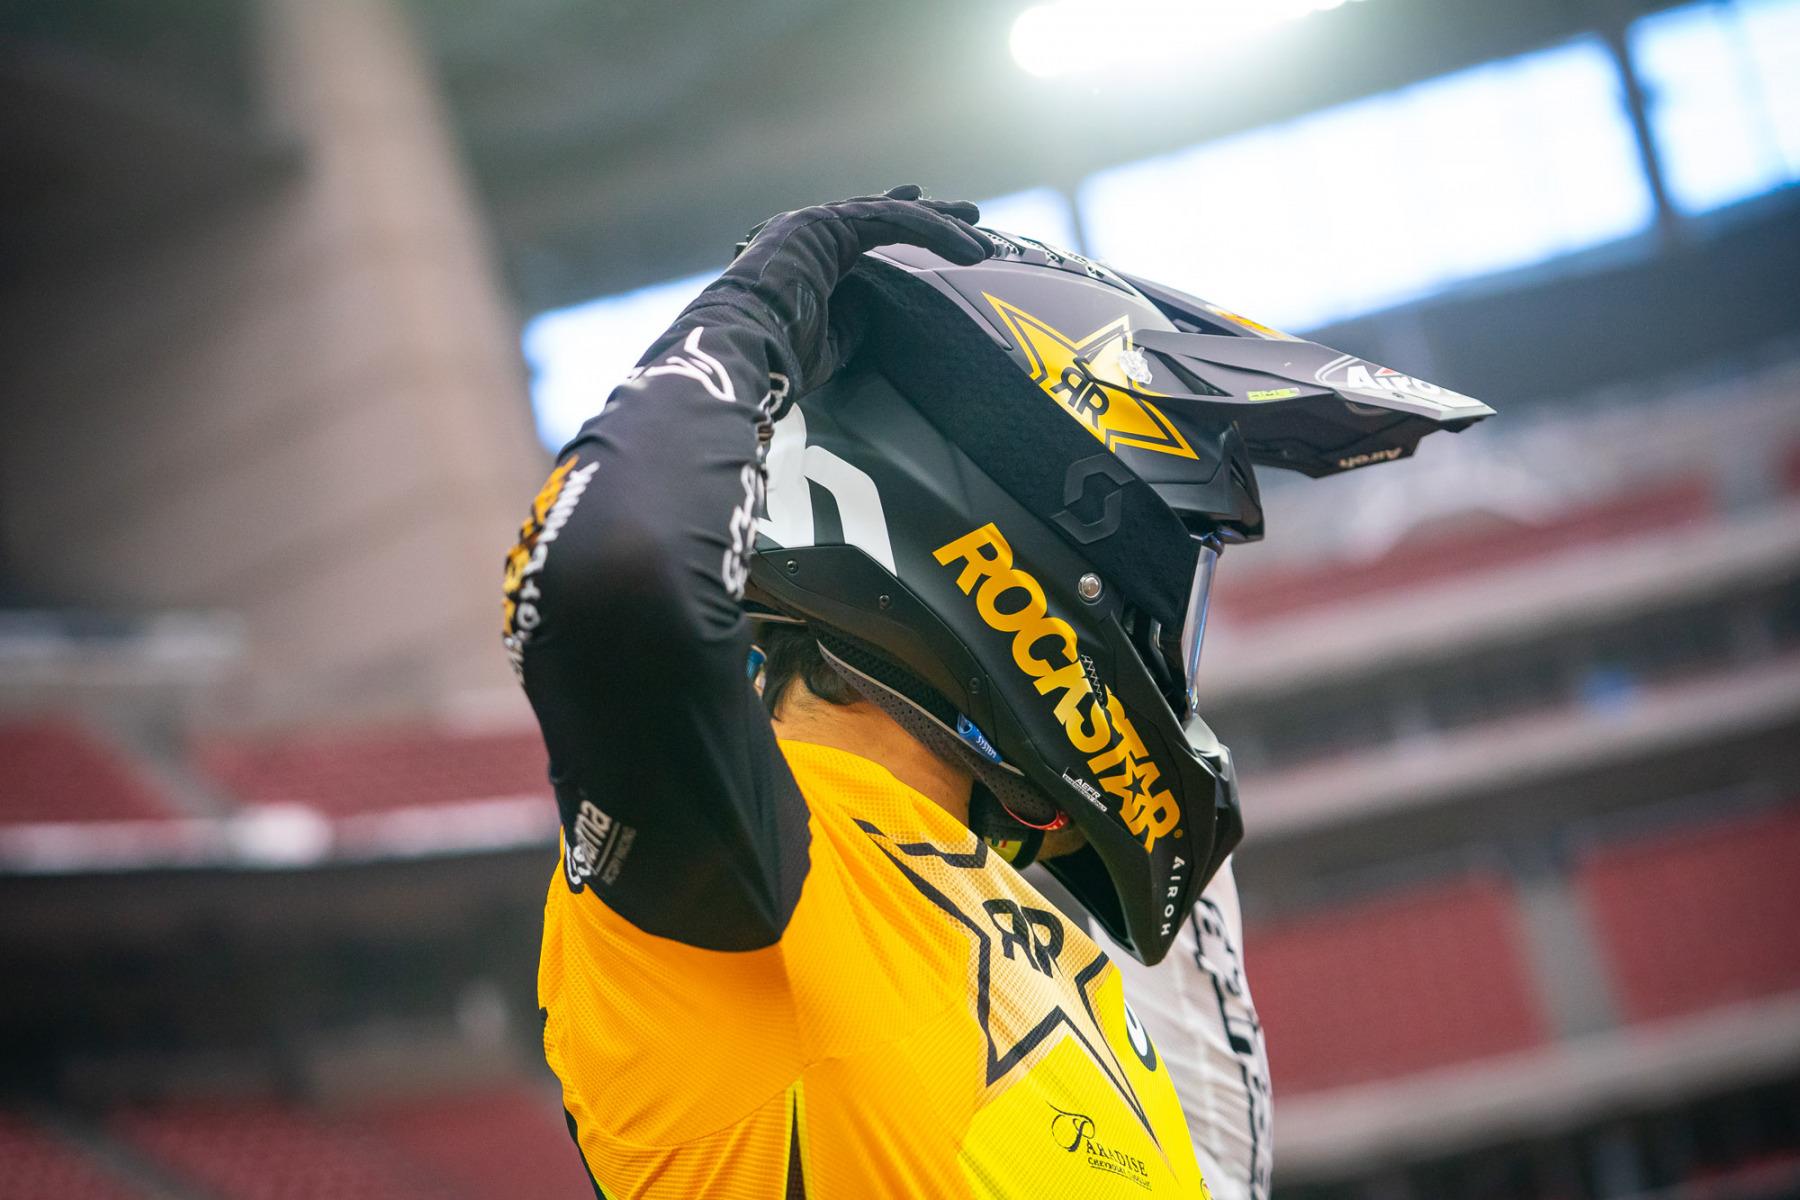 2021-Houston-One-Supercross_Kickstart_0671